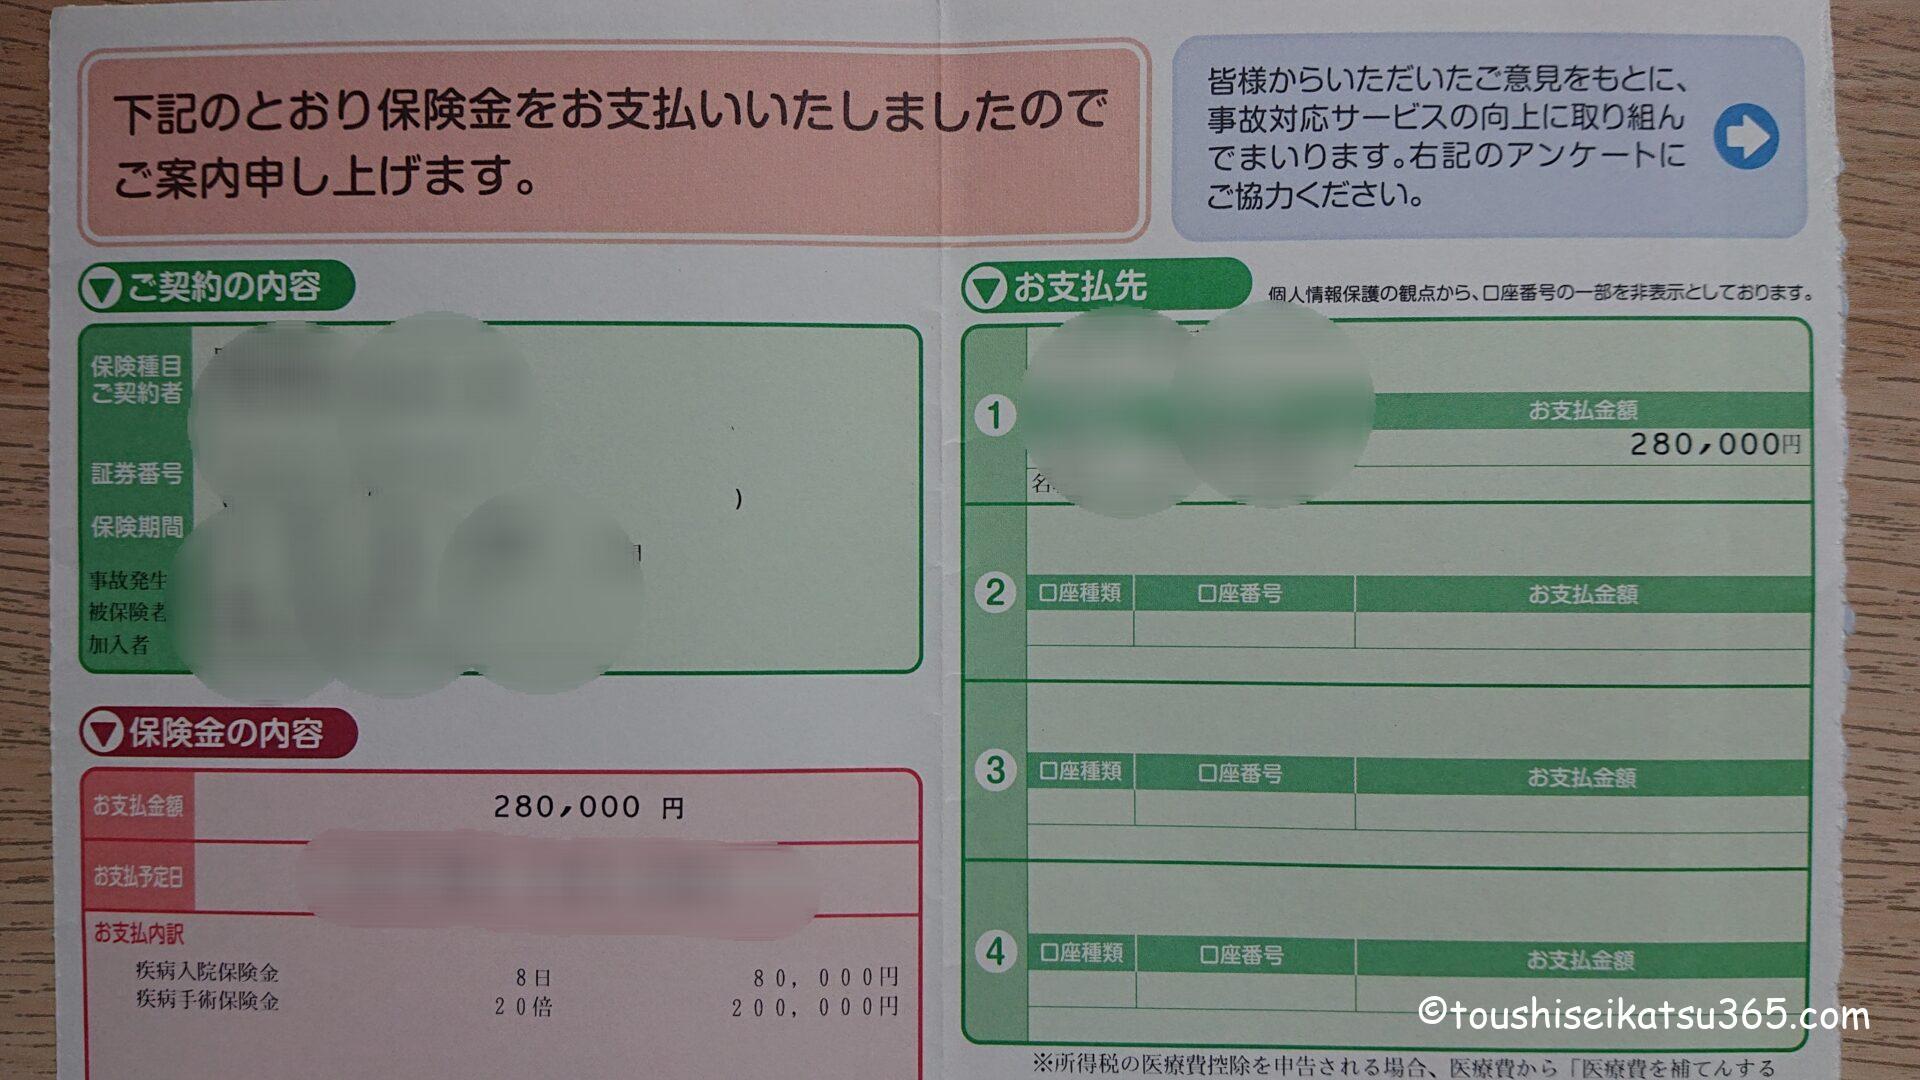 保険金明細